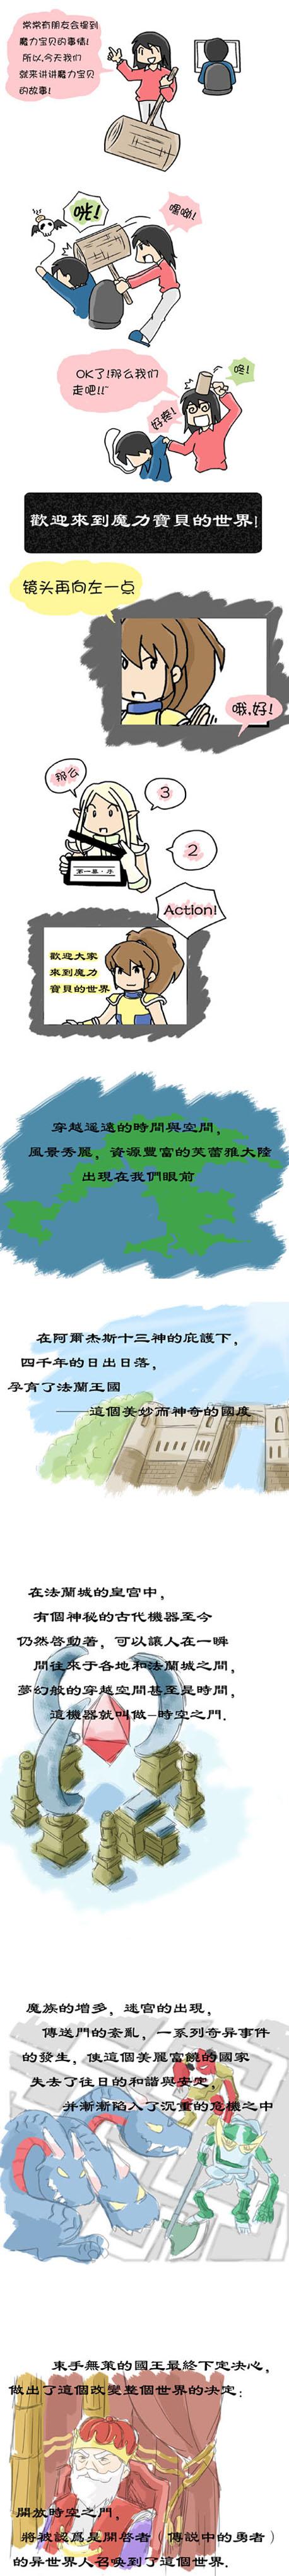 寻找那曾经失去的浪漫(上) - 小步 - 小步漫画日记